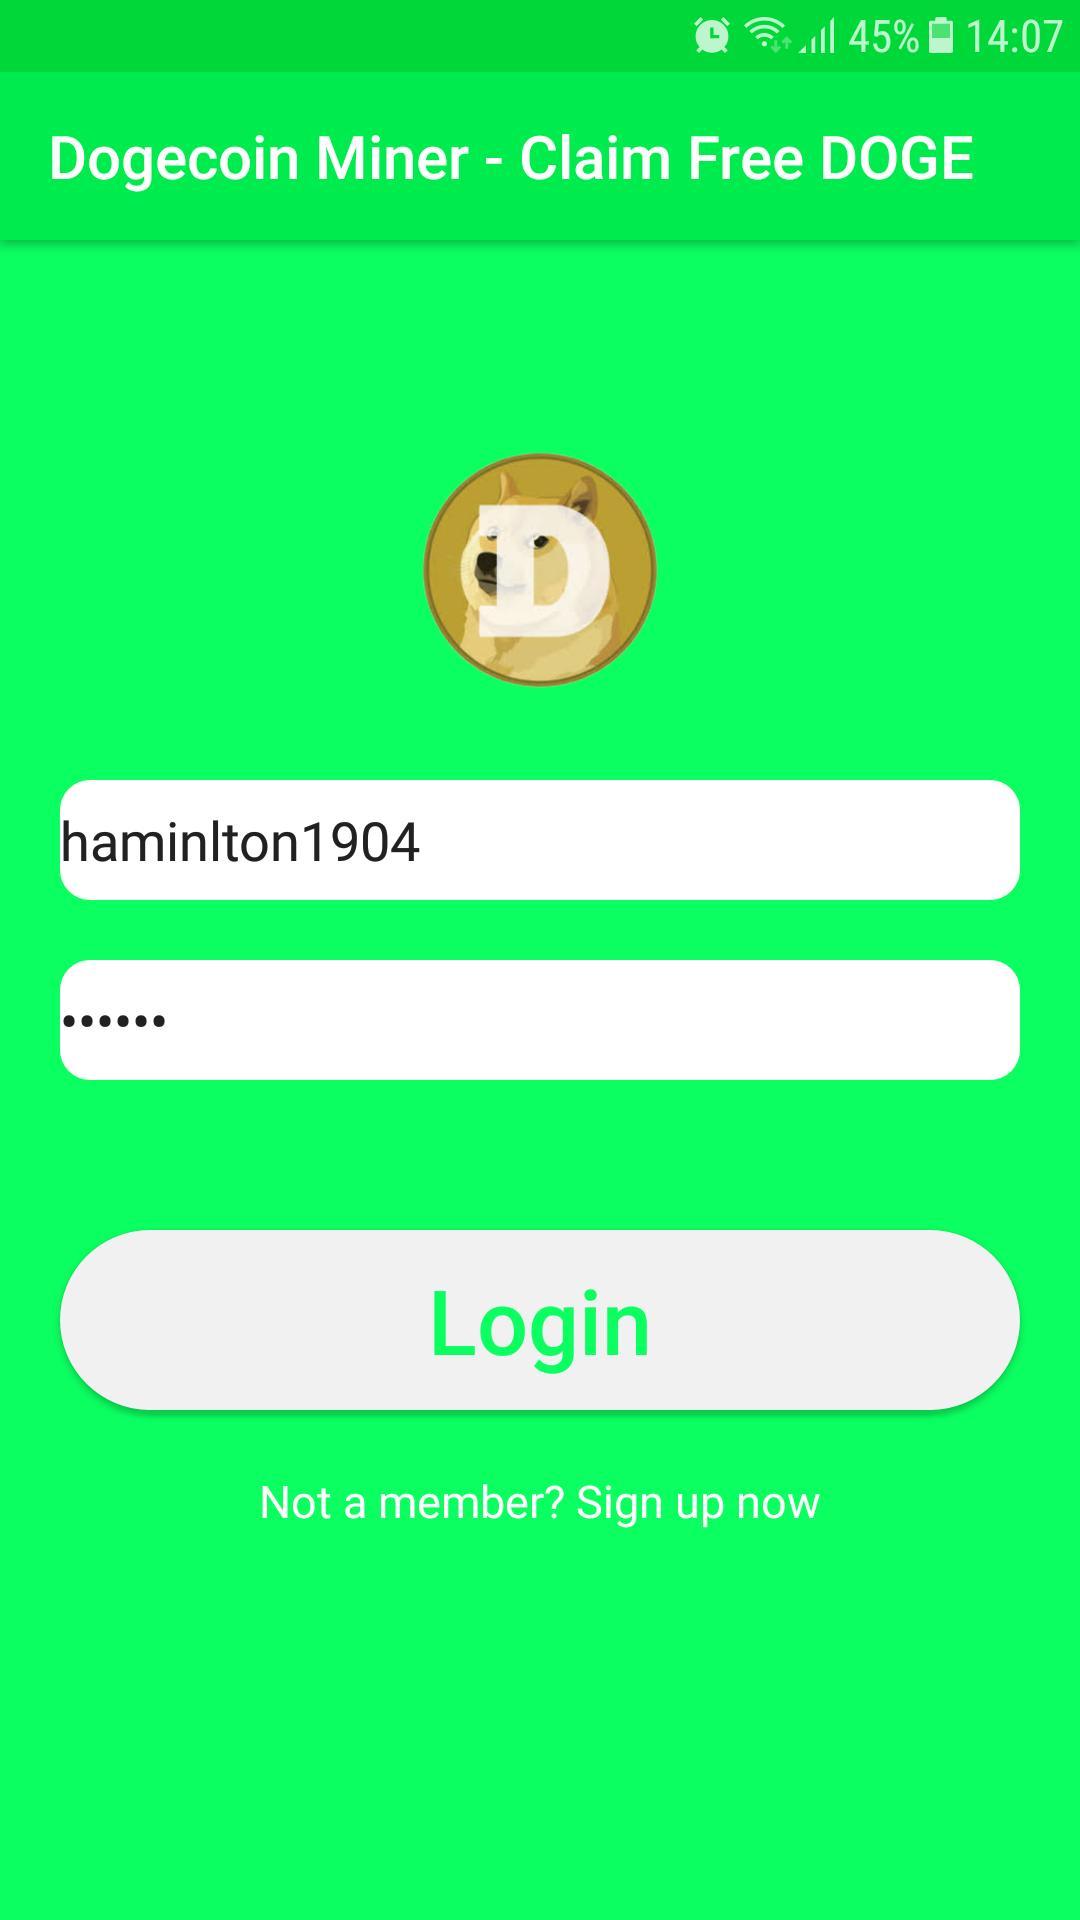 Echte Dojoin-Miner-App